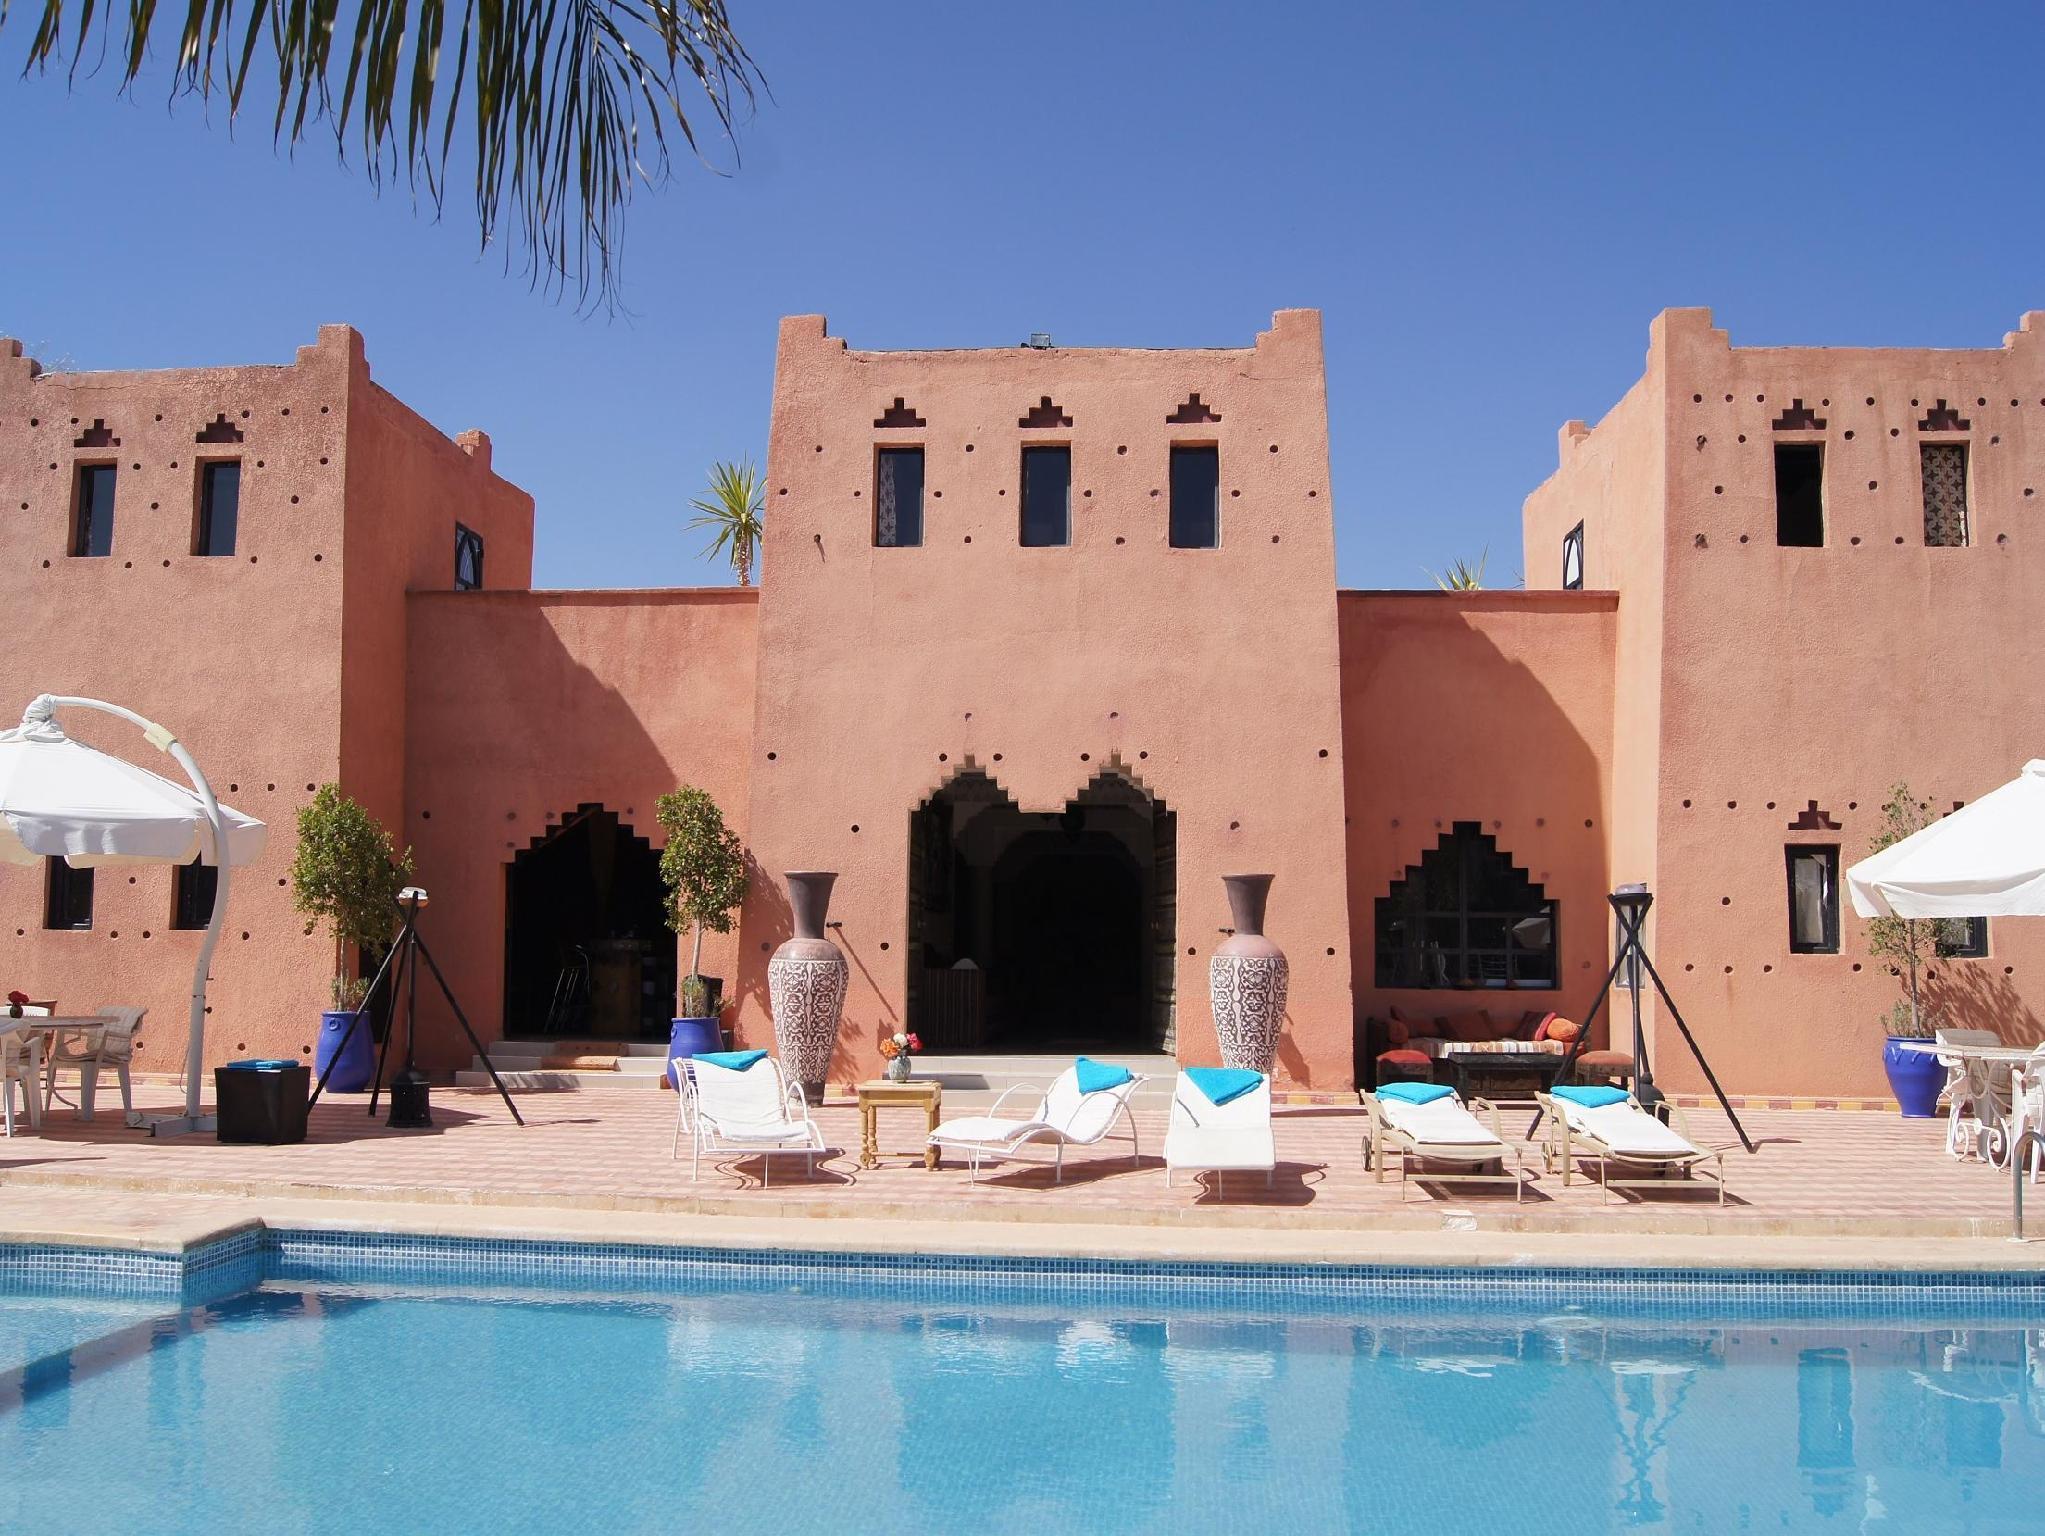 kasbah chwiter hotel banlieue est marrakech maroc tarifs rh agoda com